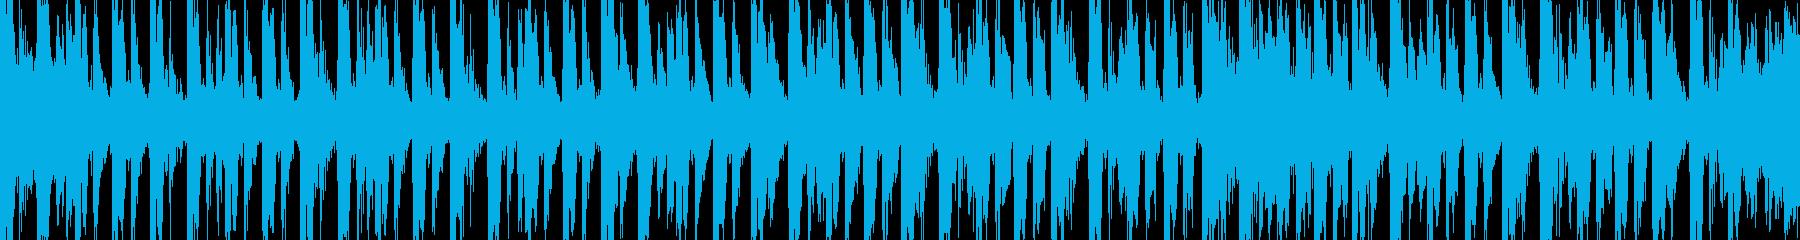 デヴィッドゲッタ、DJアントワーヌ...の再生済みの波形